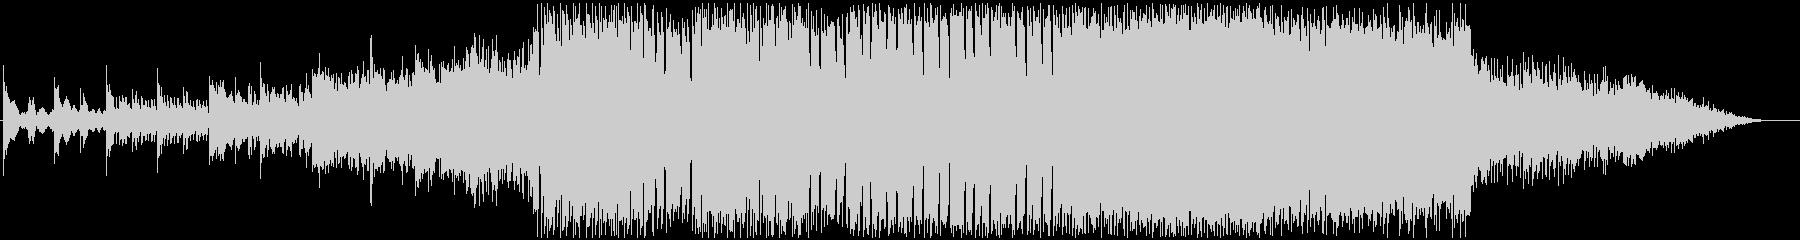 ロックとファンタジーなゲーム音楽テイストの未再生の波形